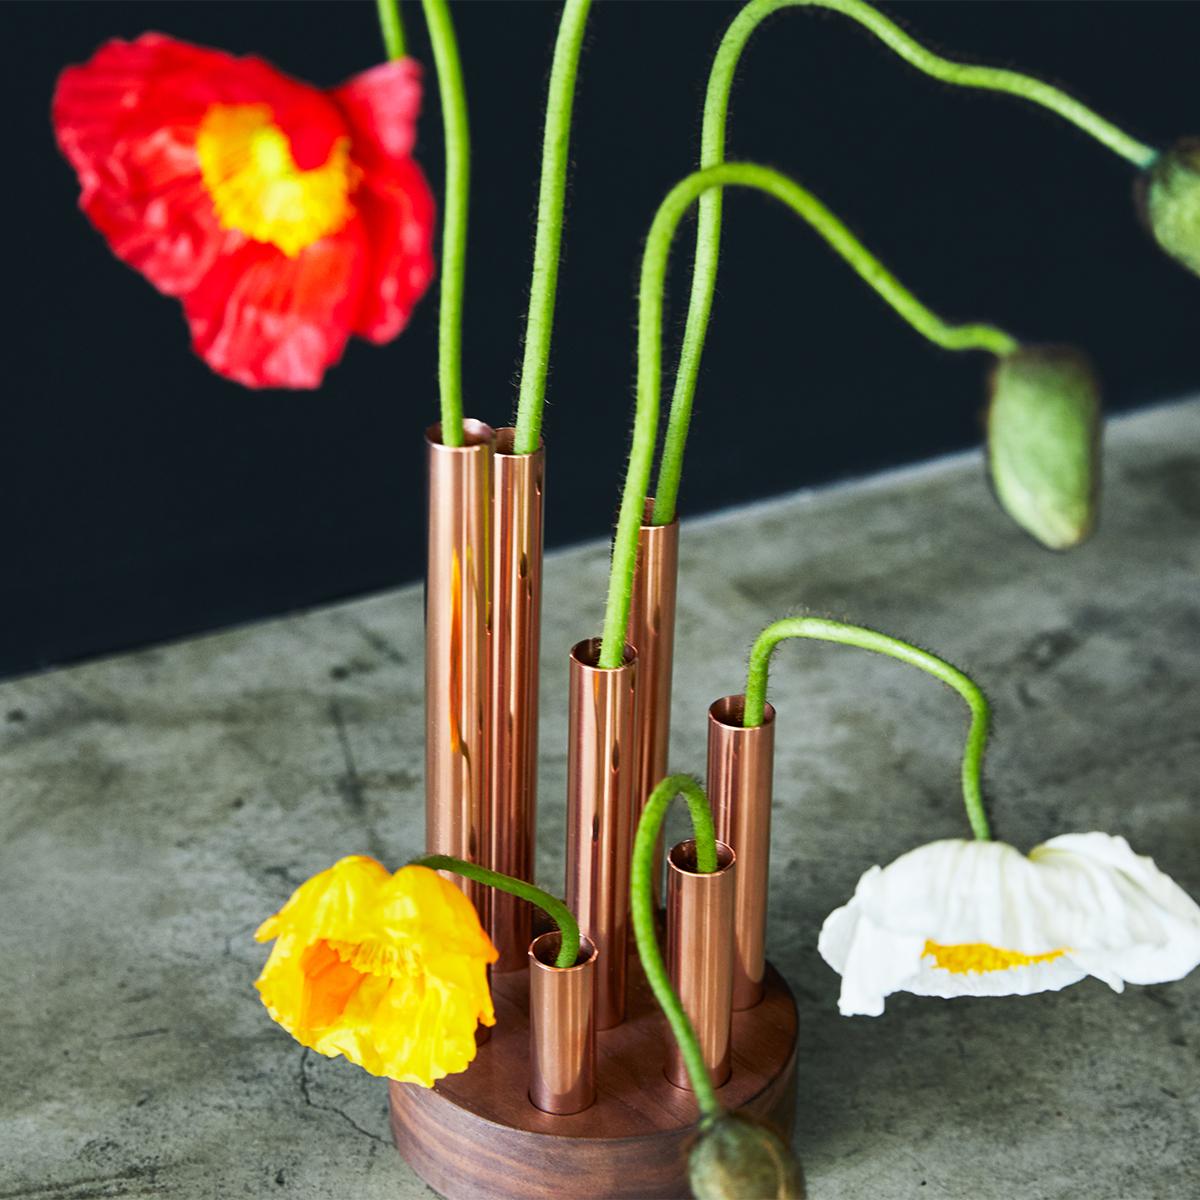 つぼみから花が朽ちてゆく終焉まで、すべての過程を楽しむという考えと美意識。無造作に挿すだけで「絵」になる、銅管の一輪挿し・花瓶・フラワーベース|BULBOUS